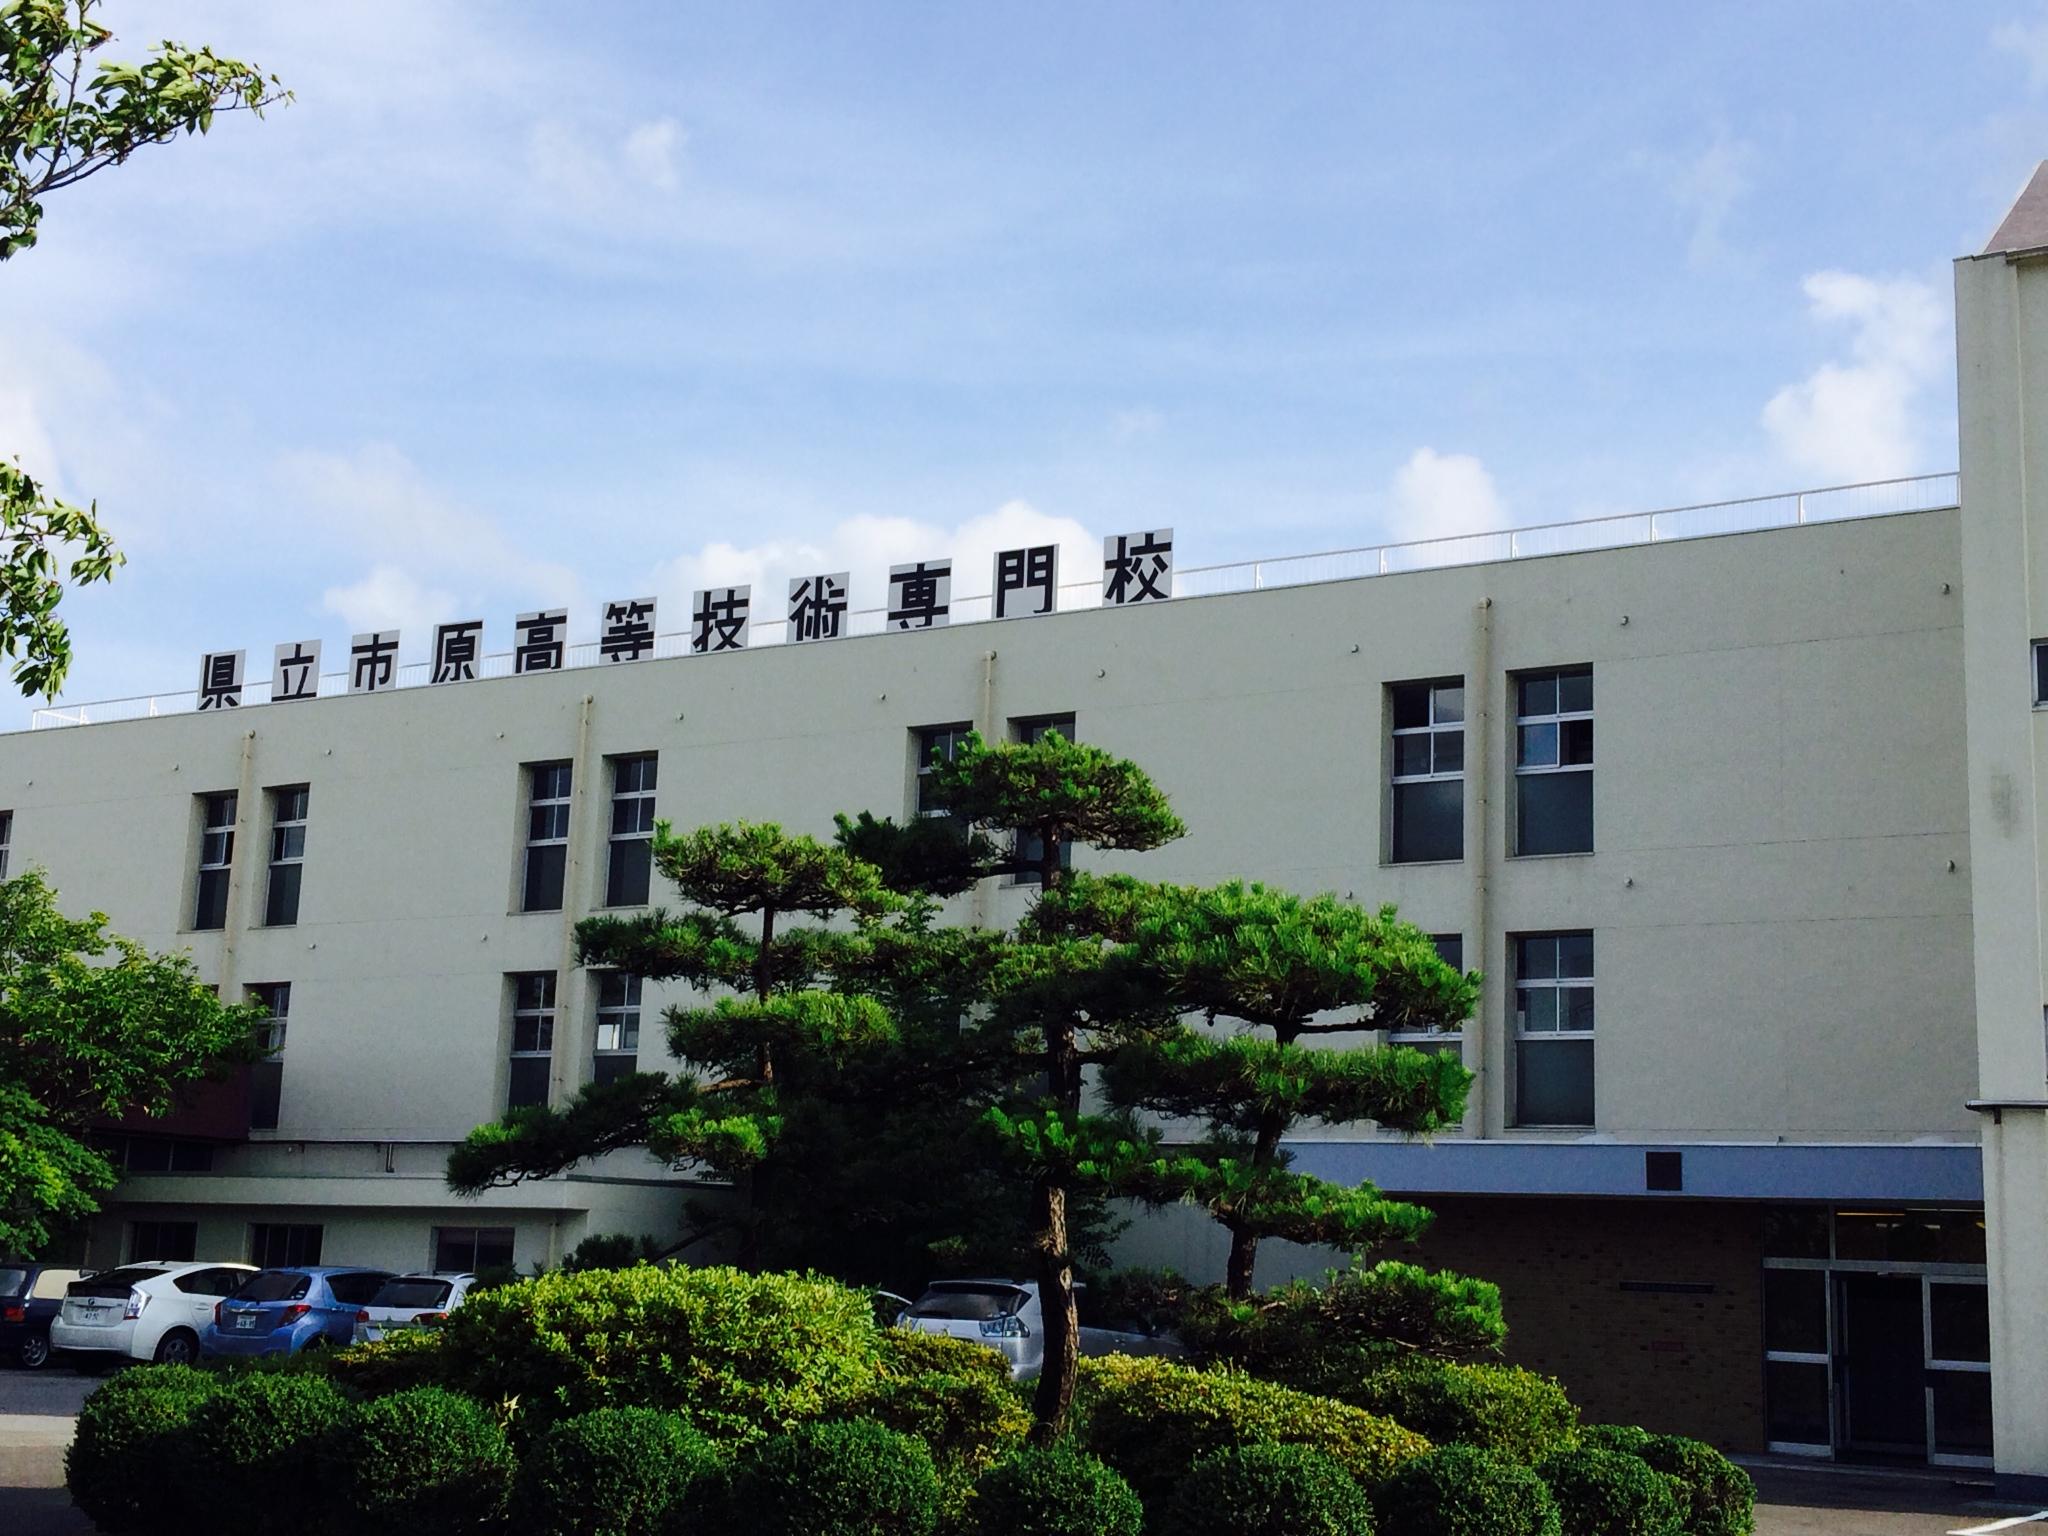 2015年7月17日千葉県立市原技術専門校様にて講演をさせていただきました